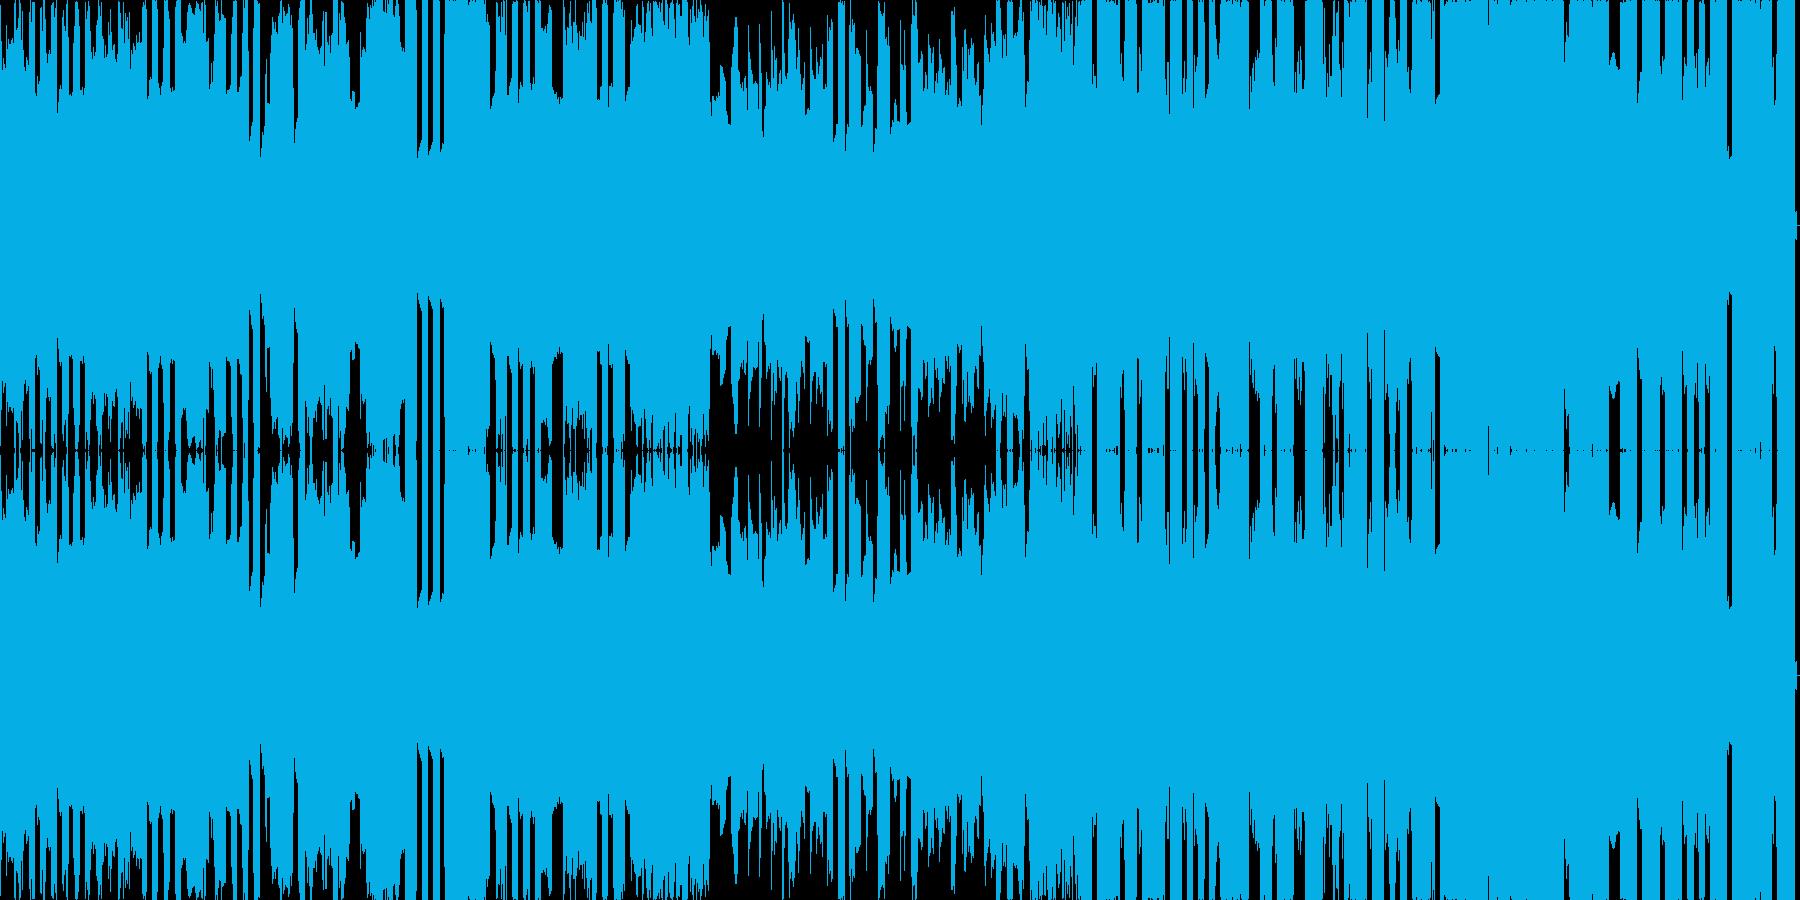 ポップな雰囲気のチップチューンの再生済みの波形